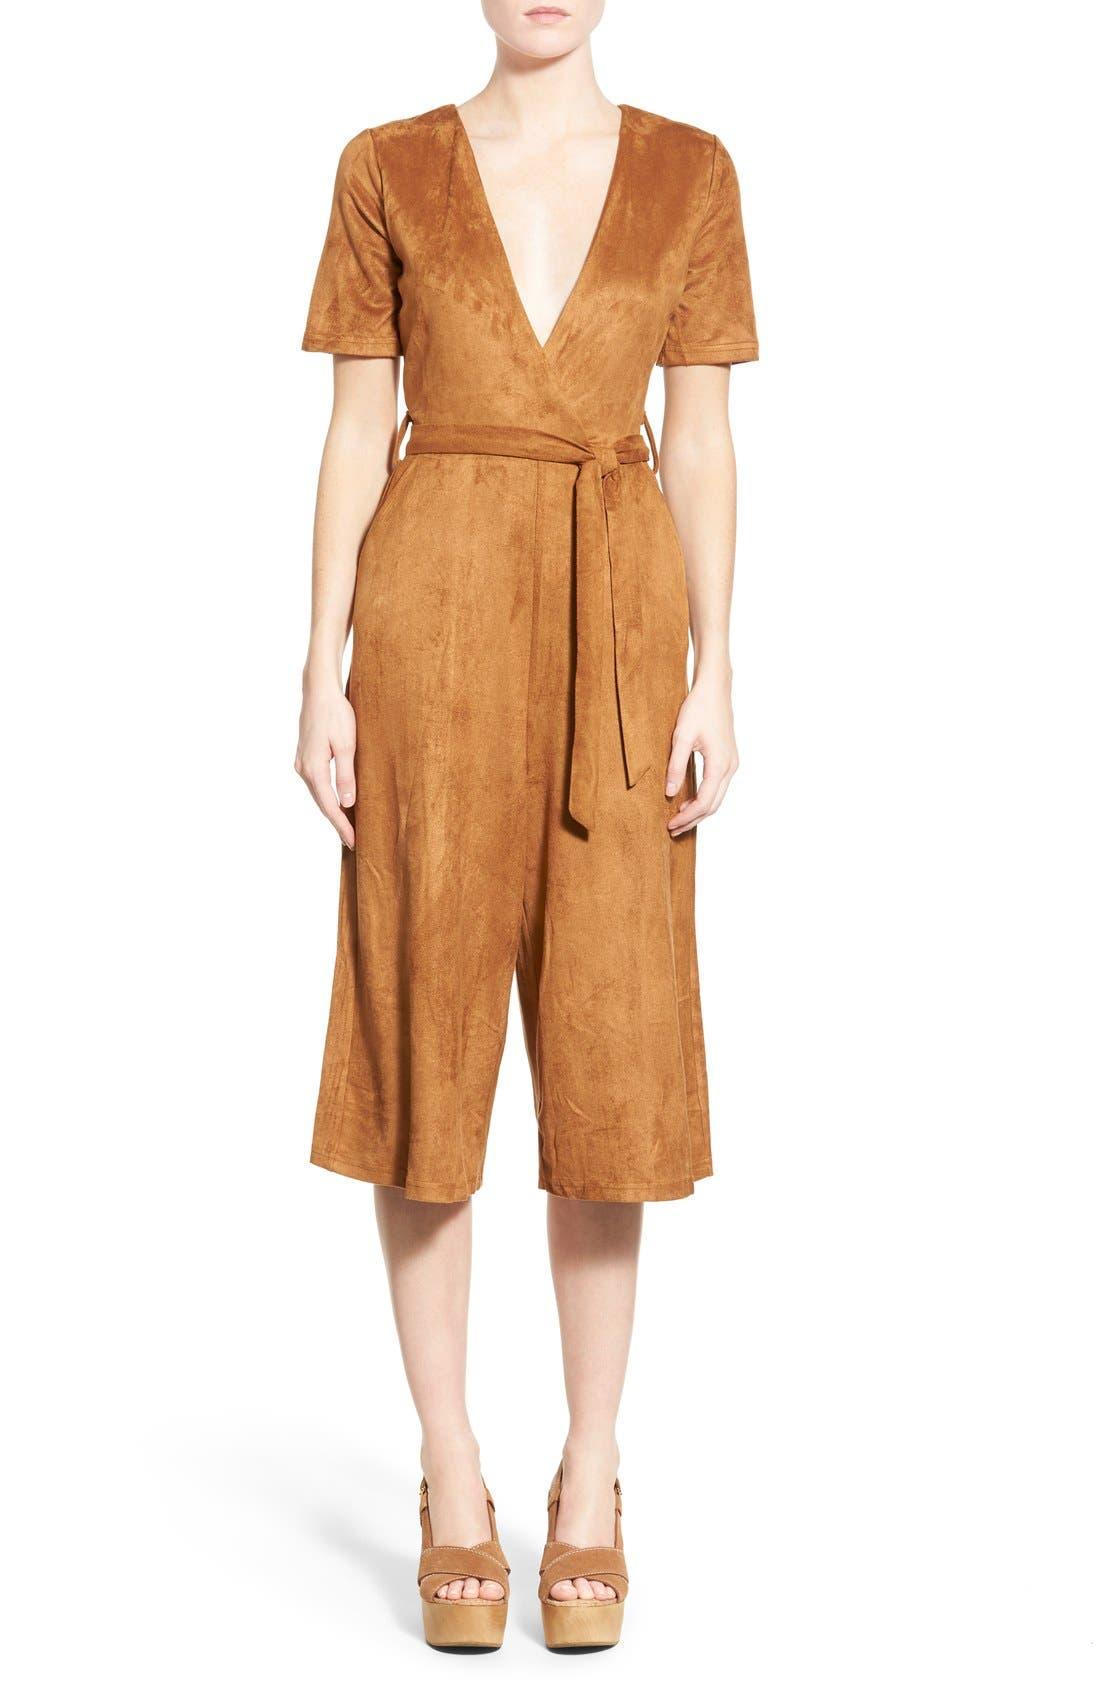 Main Image - Missguided Faux Suede Culotte Jumpsuit